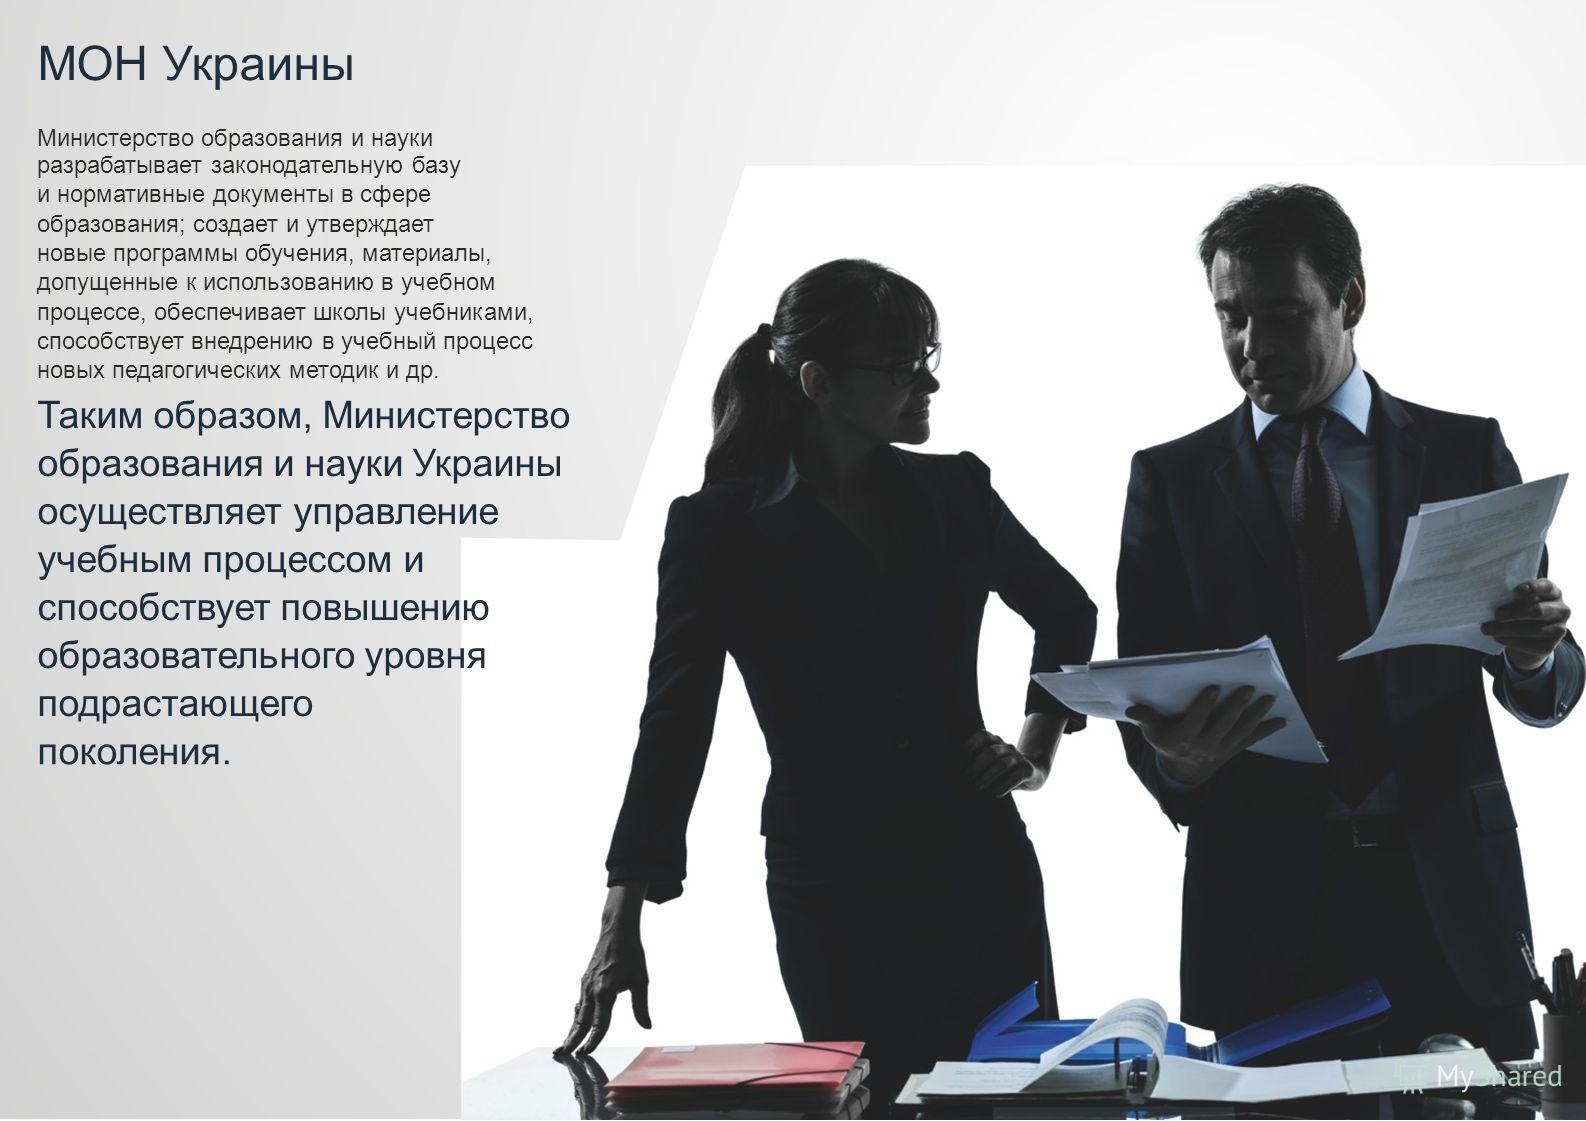 МОН Украины Министерство образования и науки разрабатывает законодательную базу и нормативные документы в сфере образования; создает и утверждает новые программы обучения, материалы, допущенные к использованию в учебном процессе, обеспечивает школы у